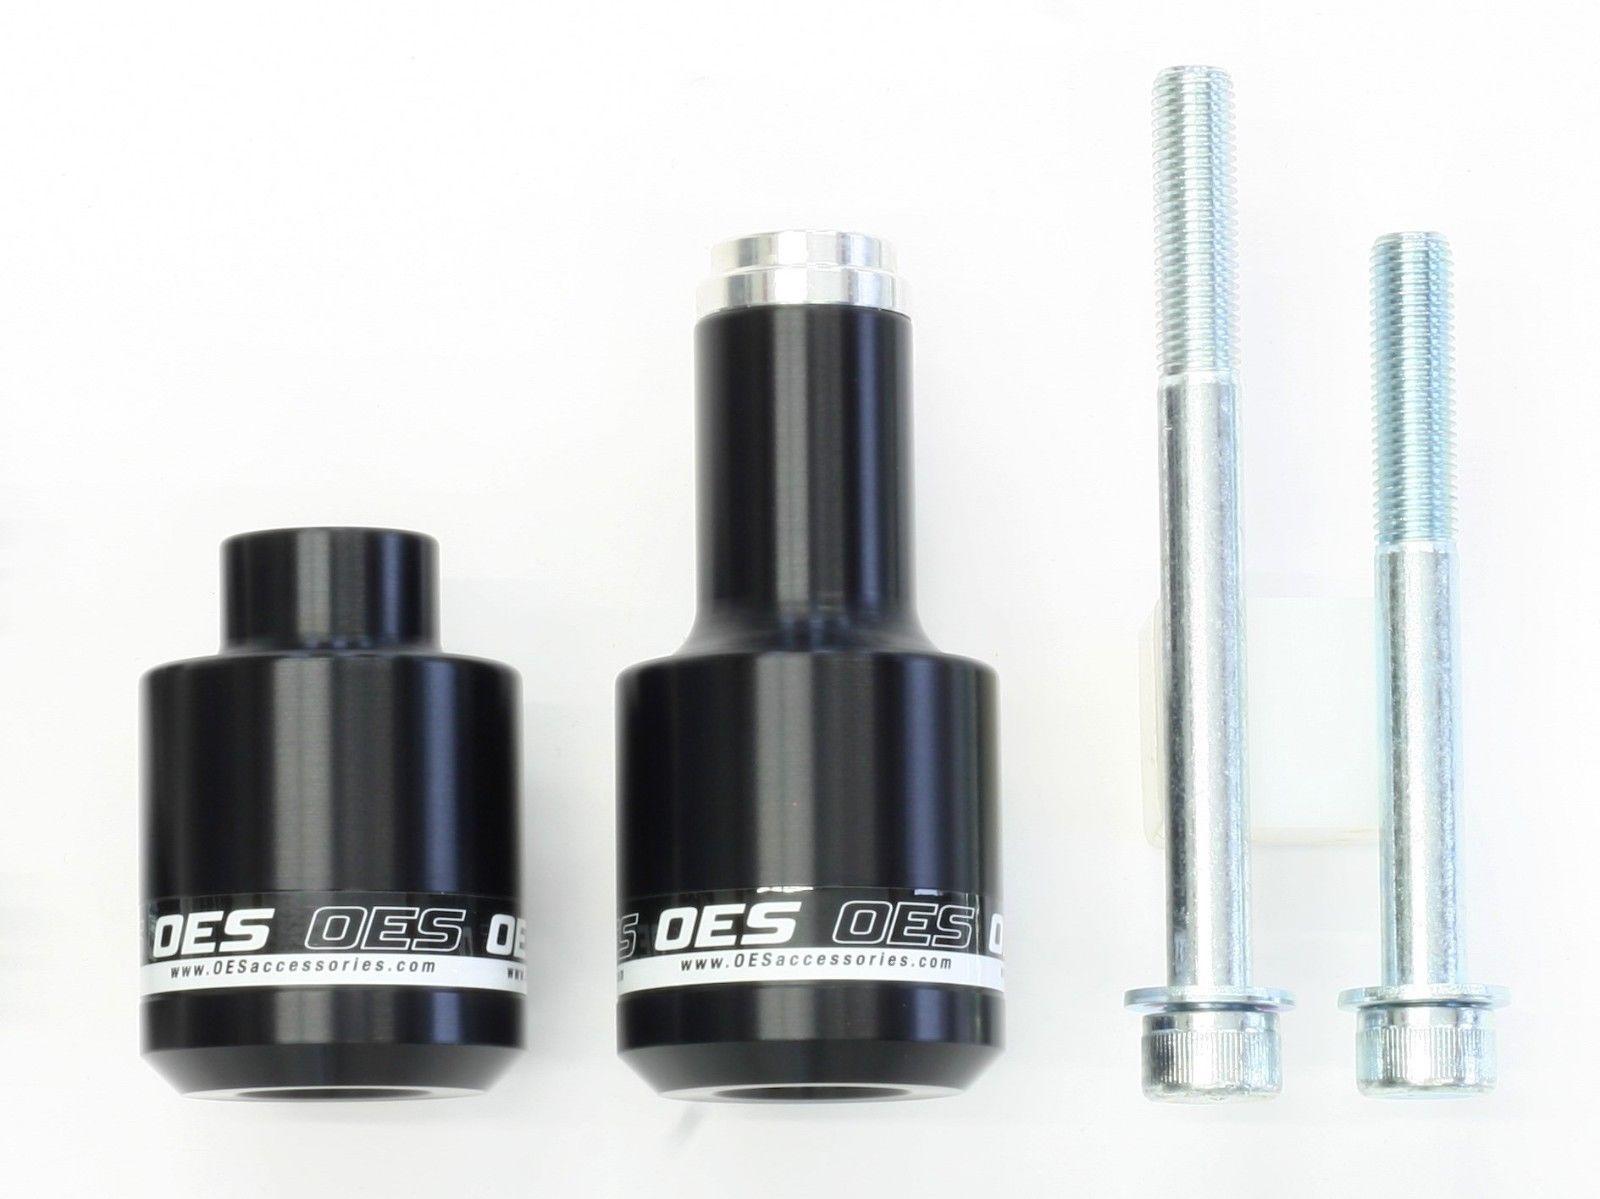 OES Frame Sliders Fits 2006 2007 Suzuki GSXR600 GSX-R 600 750 GSXR750 - $59.99 - $69.99